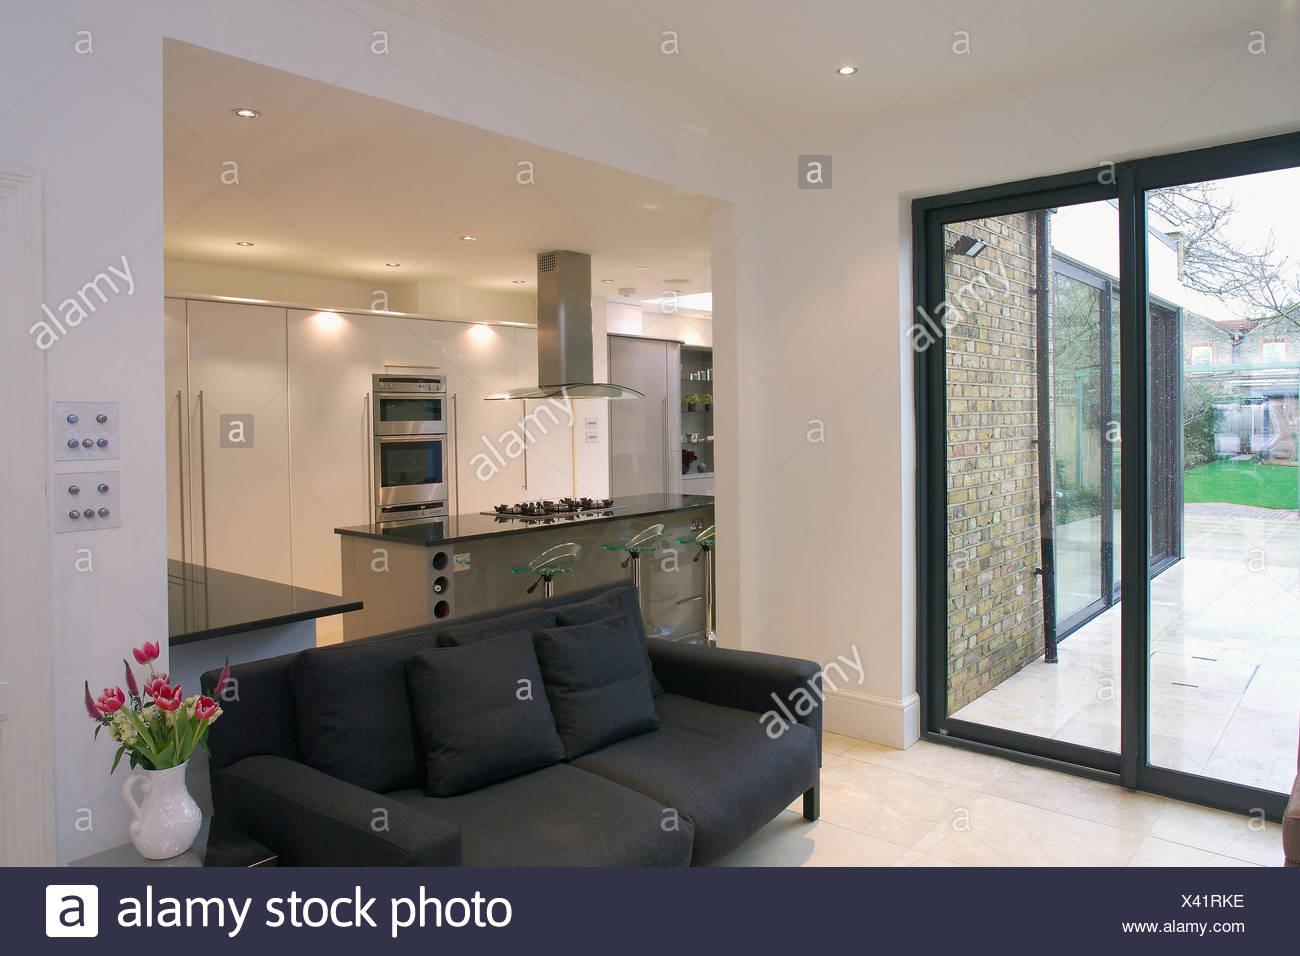 Terrassentüren und schwarzen Sofa in moderne offene Wohnzimmer und ...